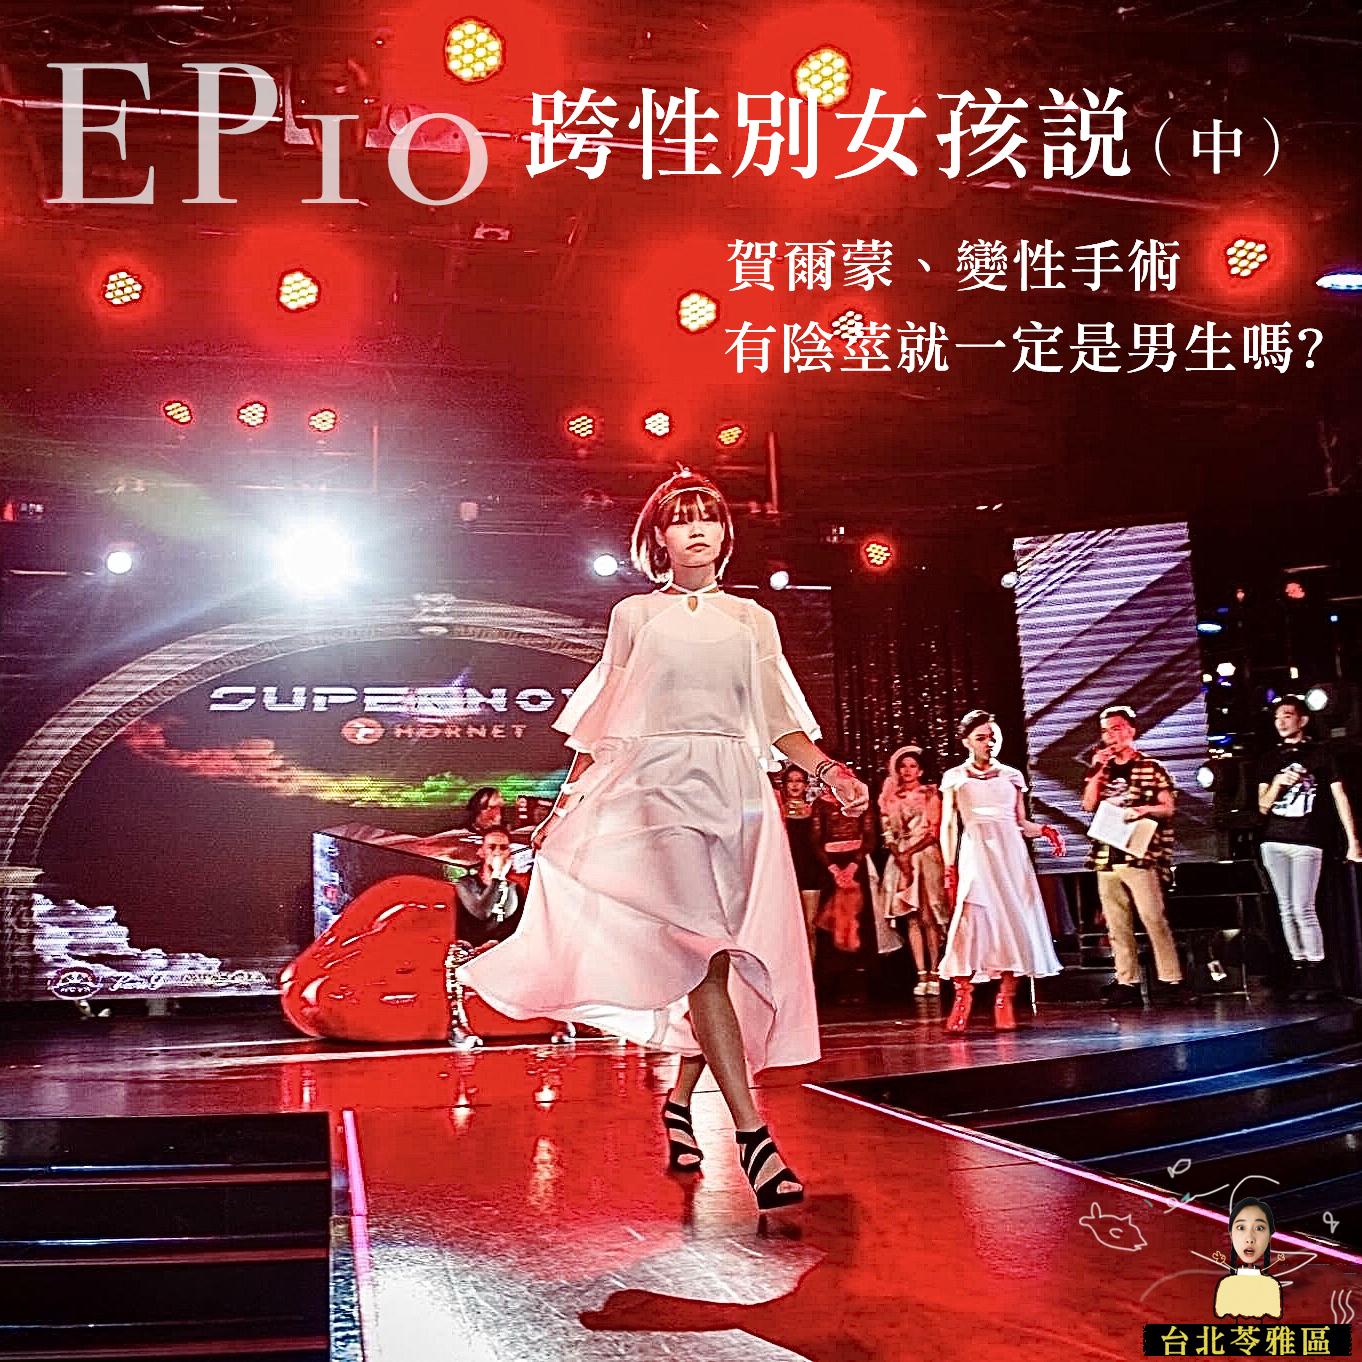 Ep10|異言堂|跨性別女孩說(中),賀爾蒙,變性手術,有陰莖就一定是男生嗎?